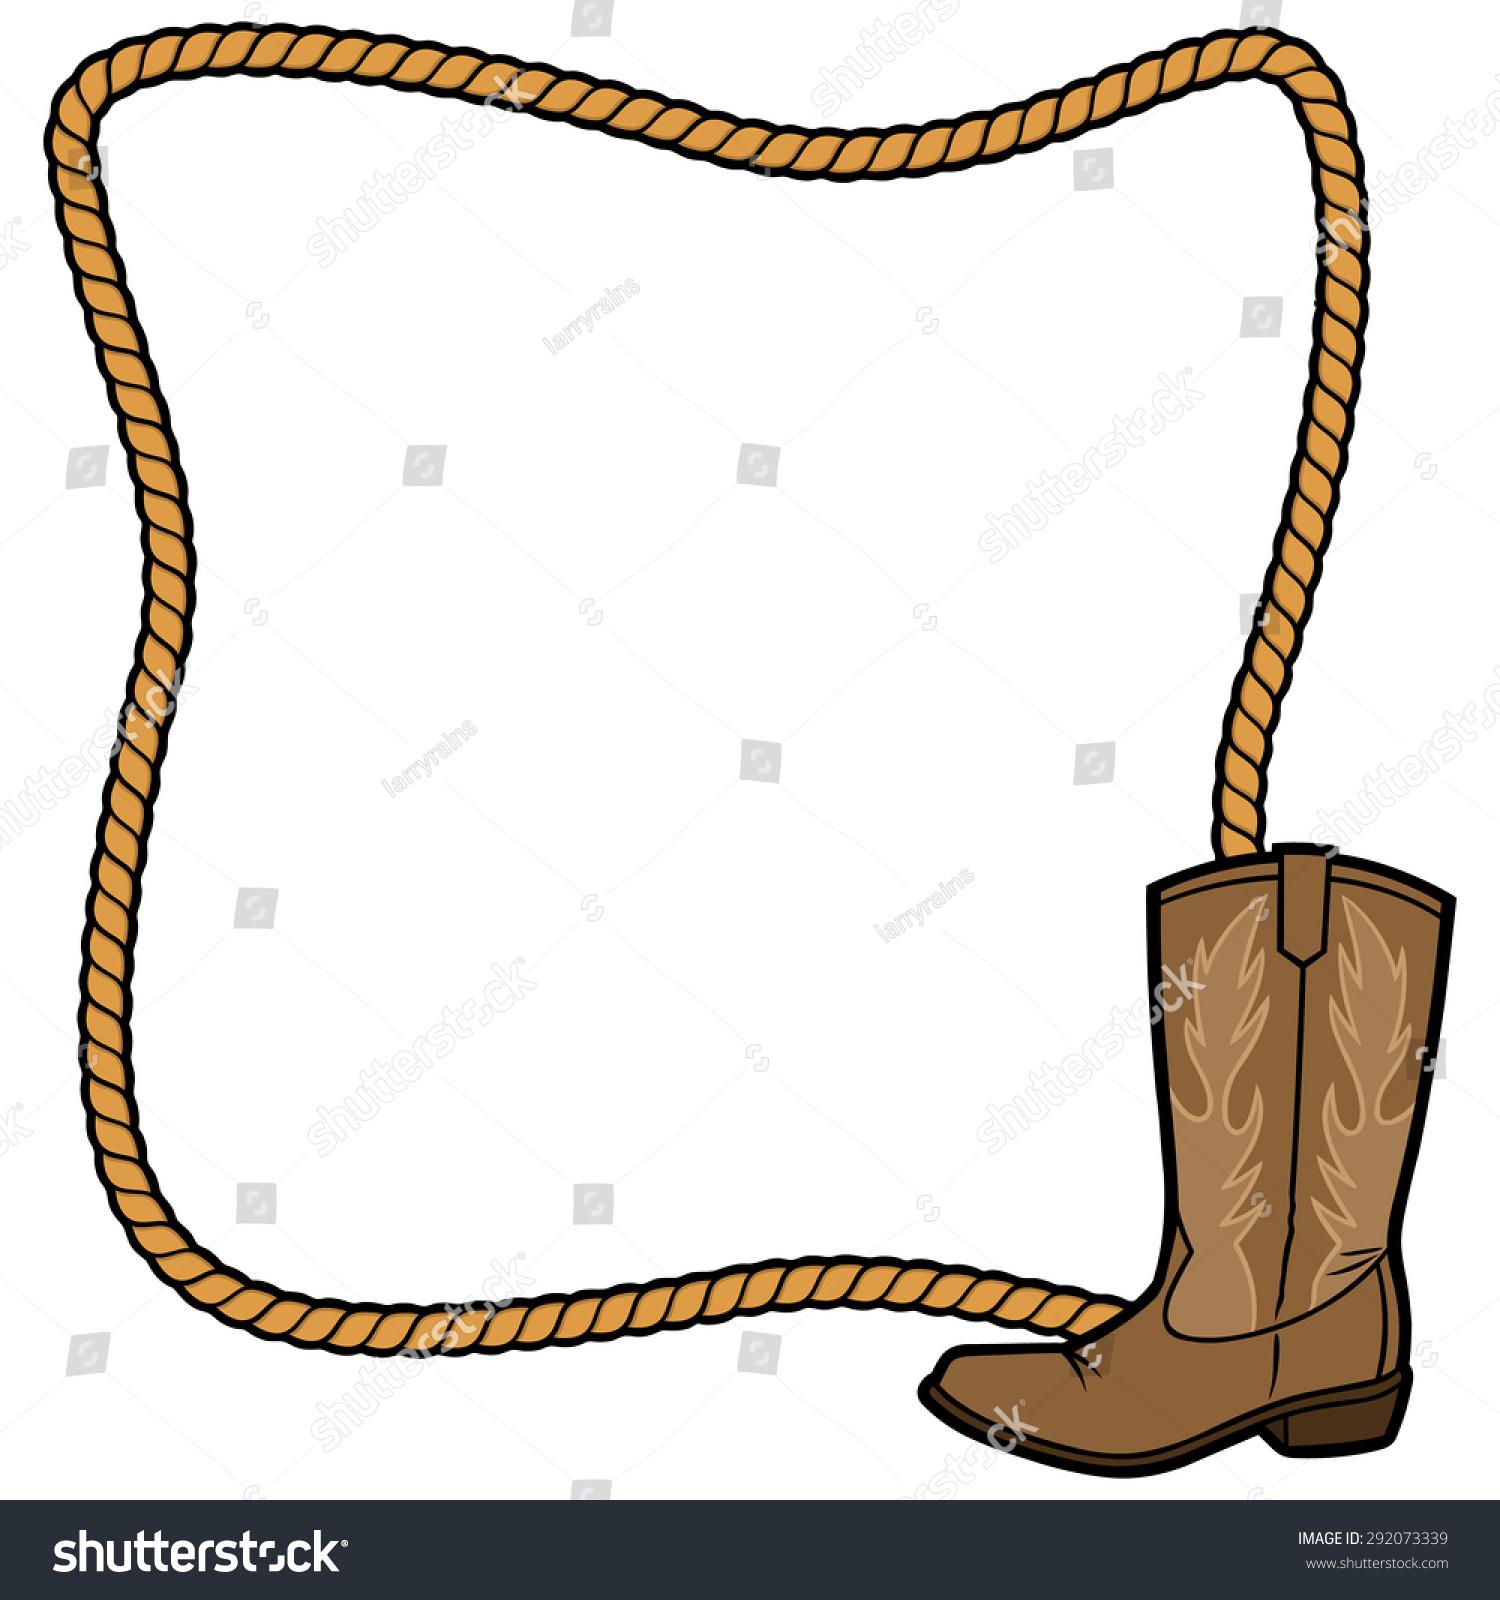 绳子框架和牛仔靴-符号/标志,其它-海洛创意(hellorf)